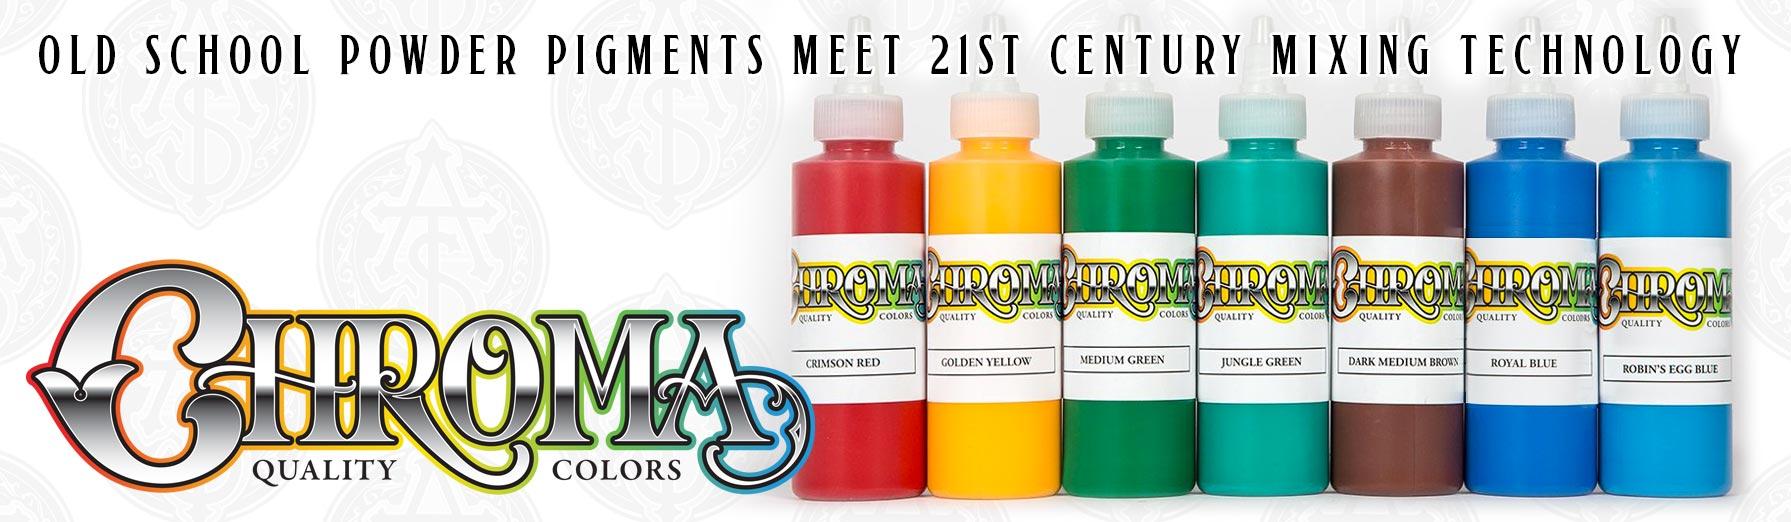 Chroma Quality Colors